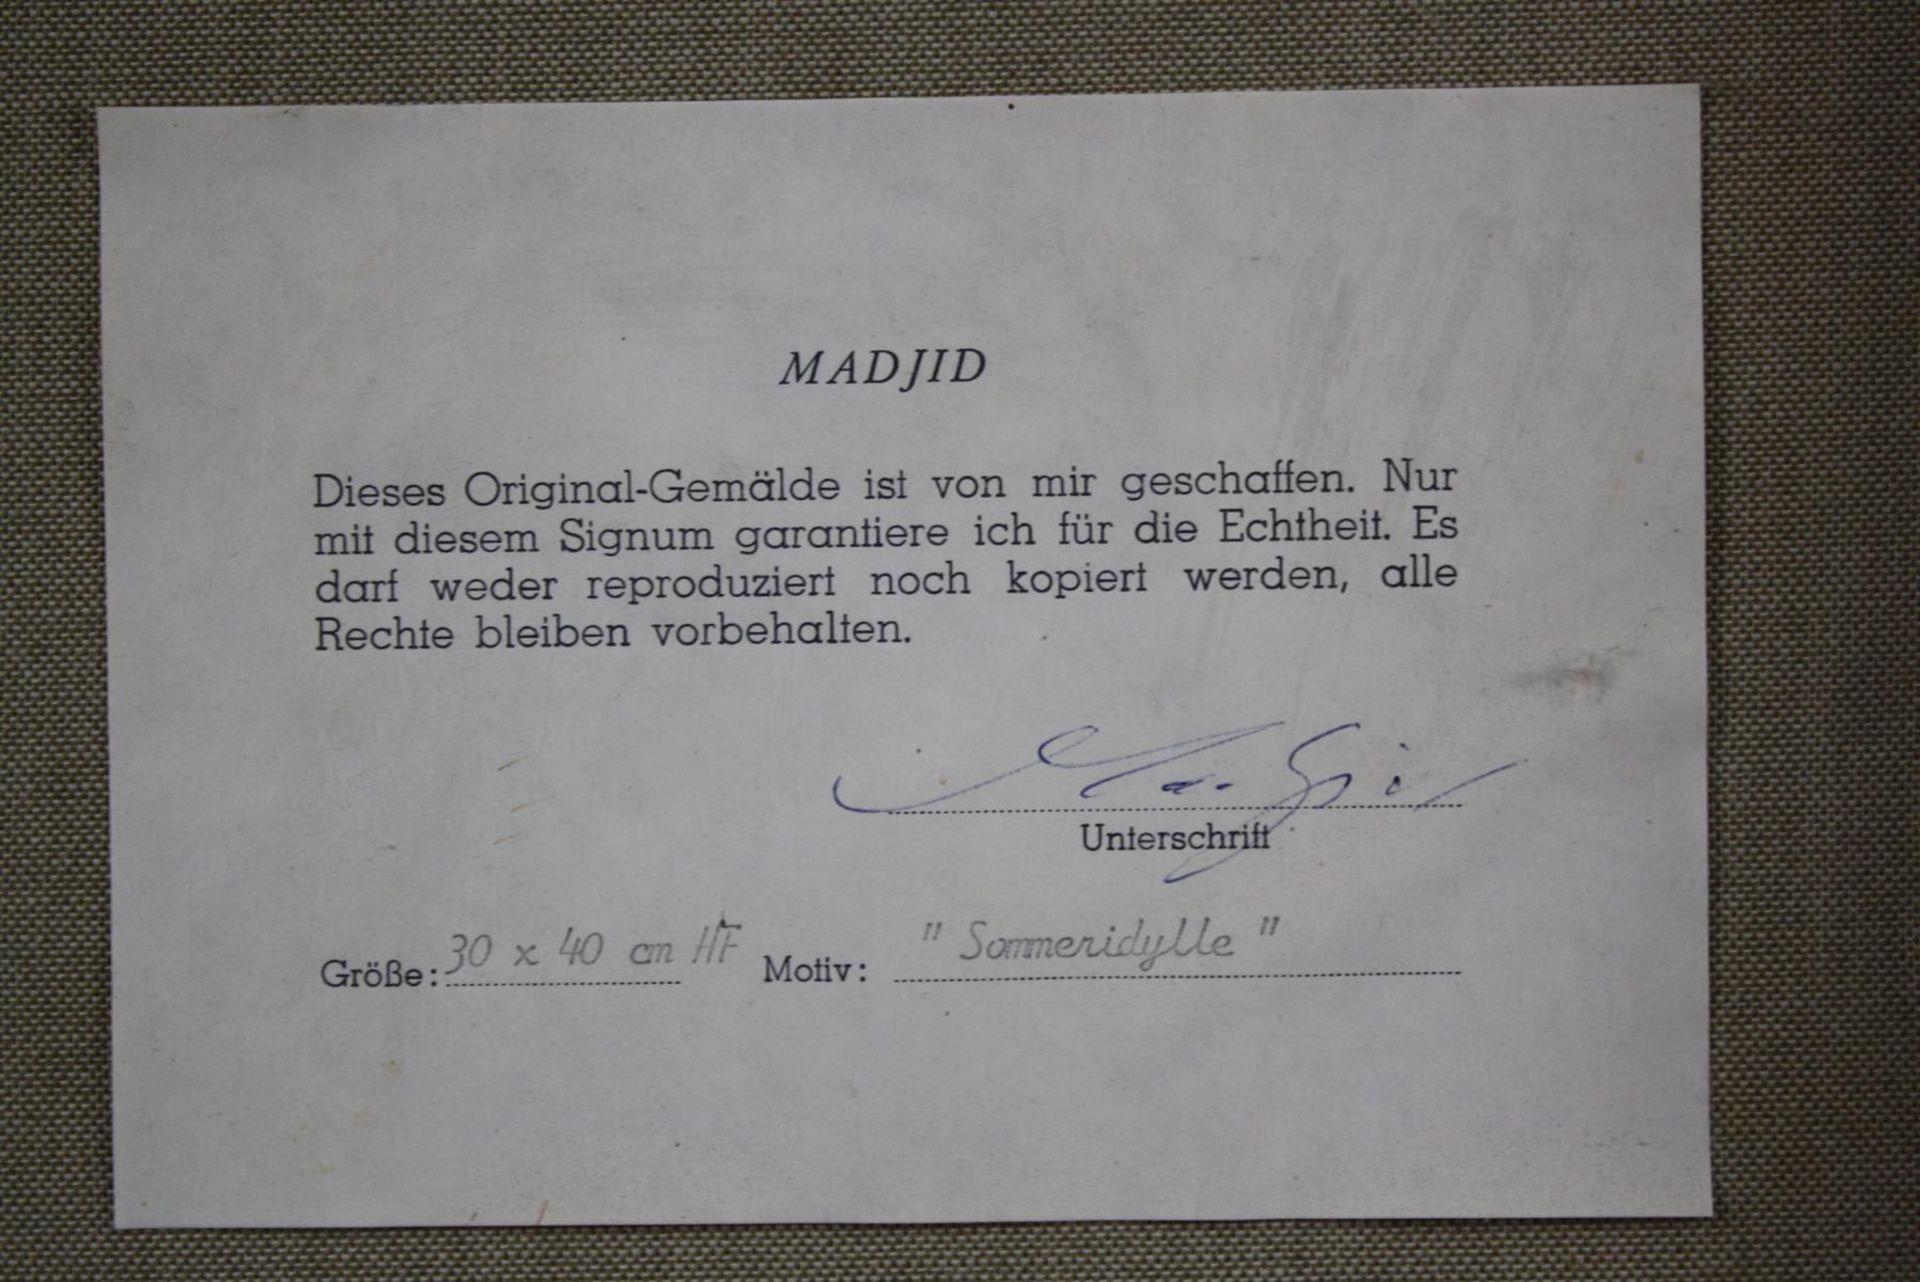 Rahnavard Madjid (*1943 Teheran - München) - Bild 4 aus 4